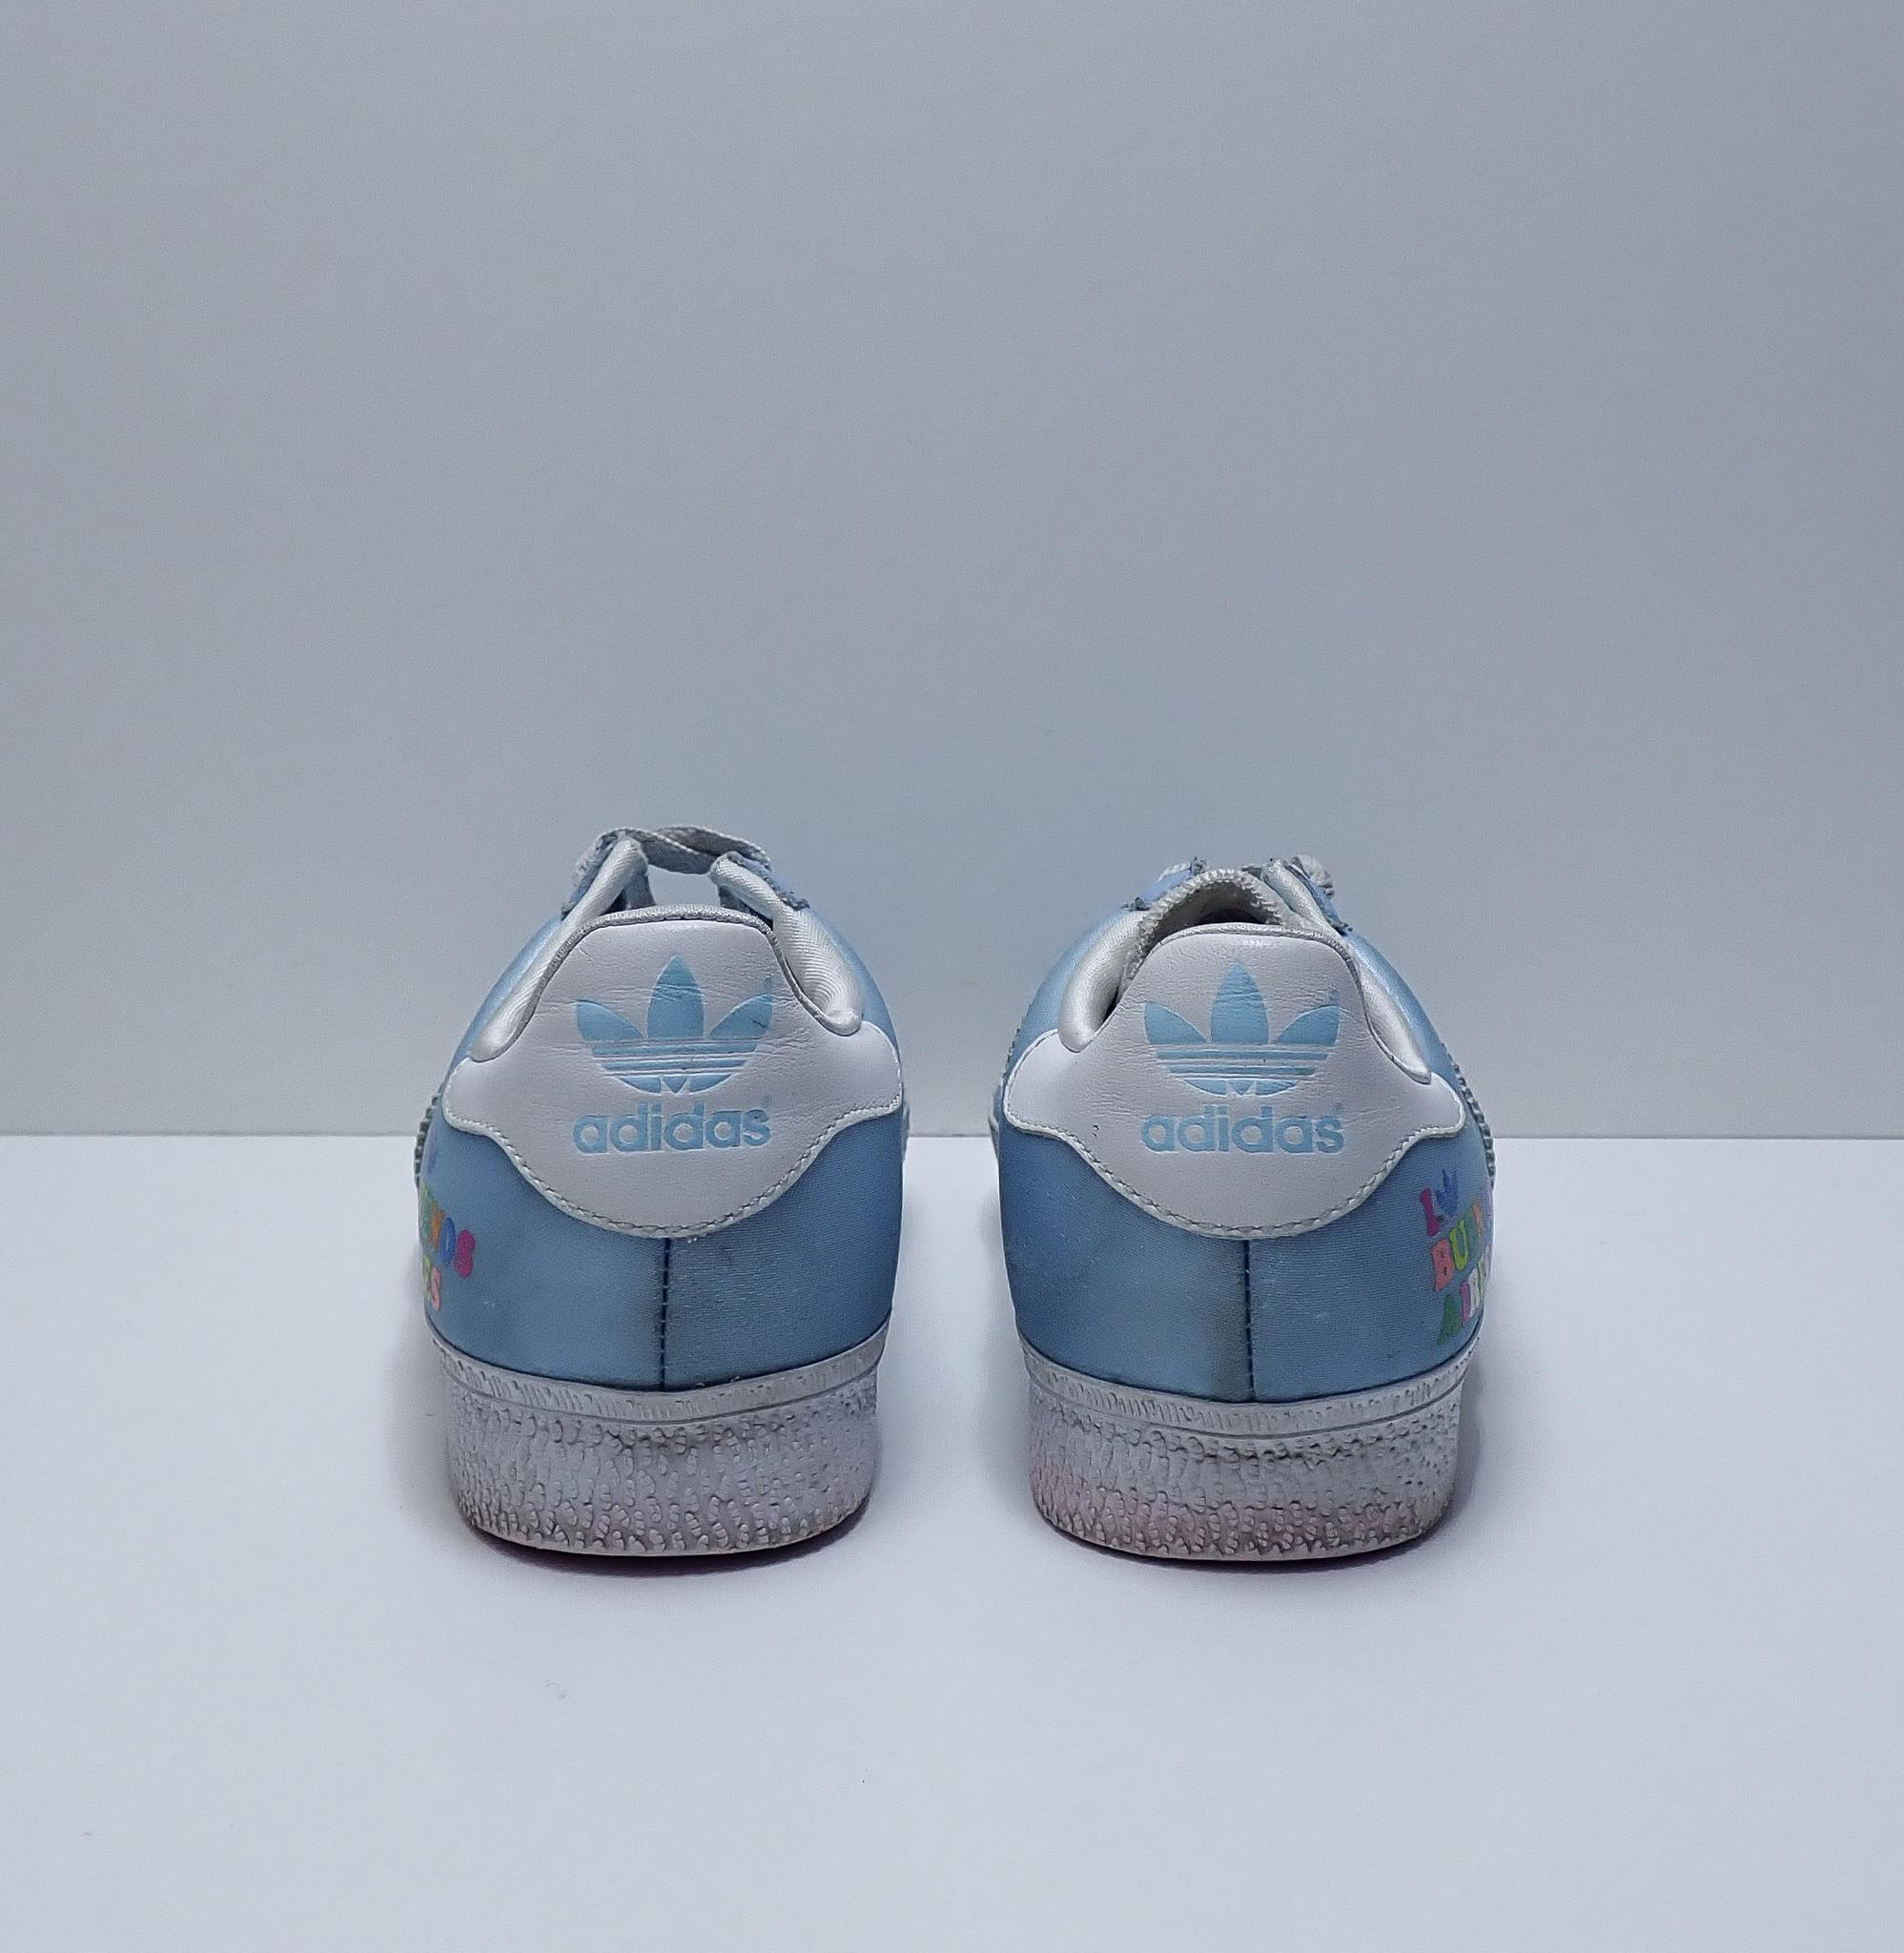 Adidas Gazelle Buenos Aires